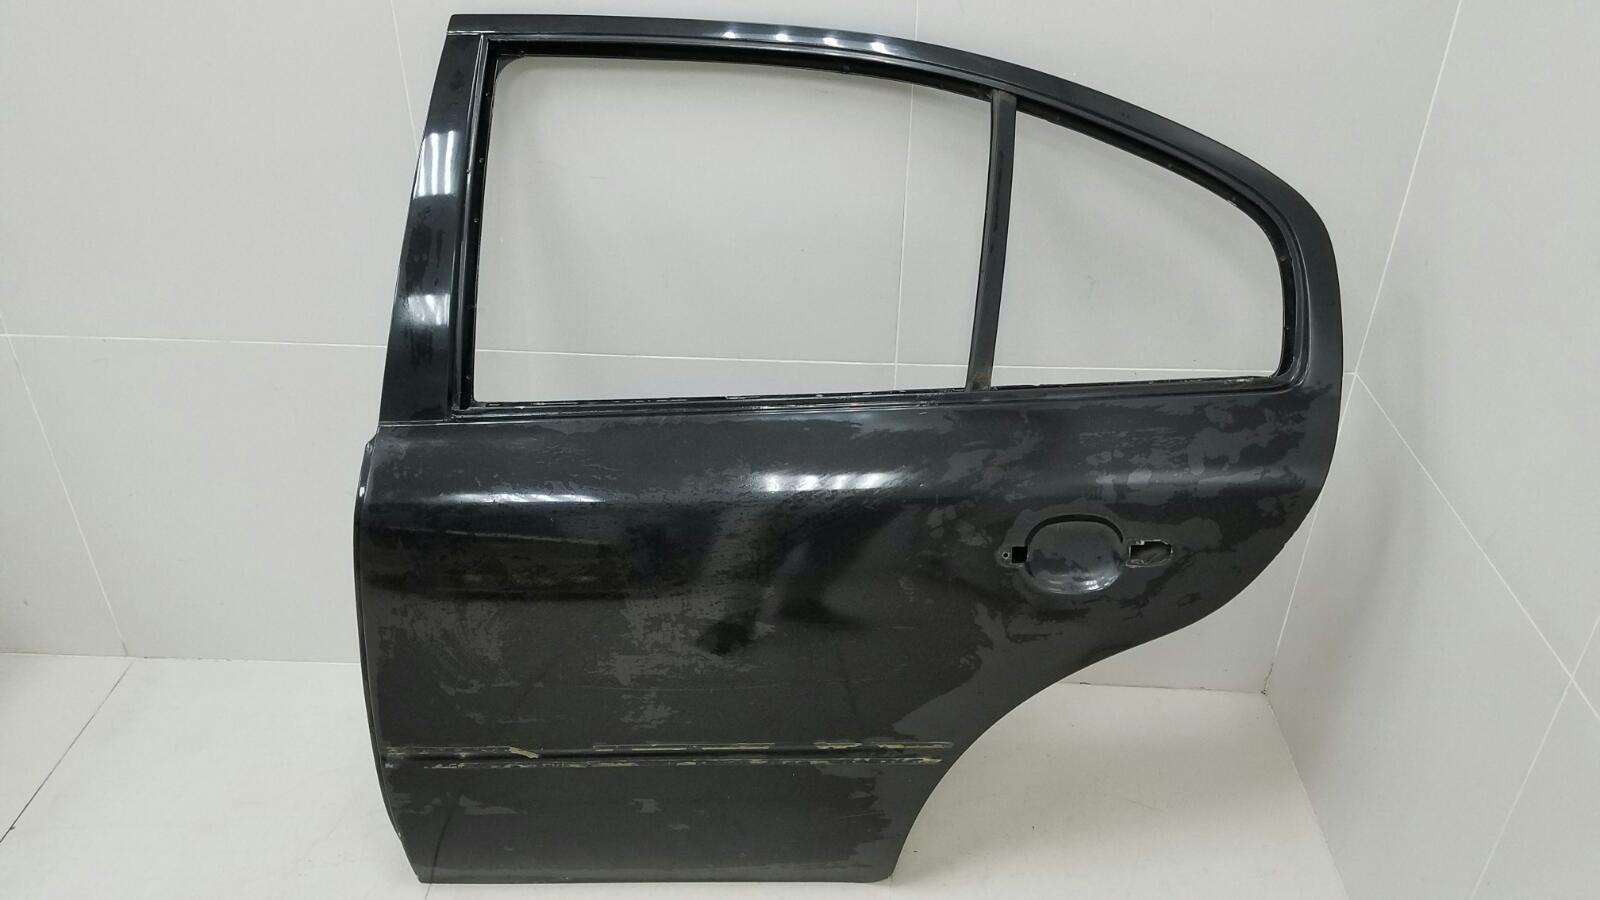 Дверь Skoda Octavia 1U2 AKL 1.6Л 2003 задняя левая